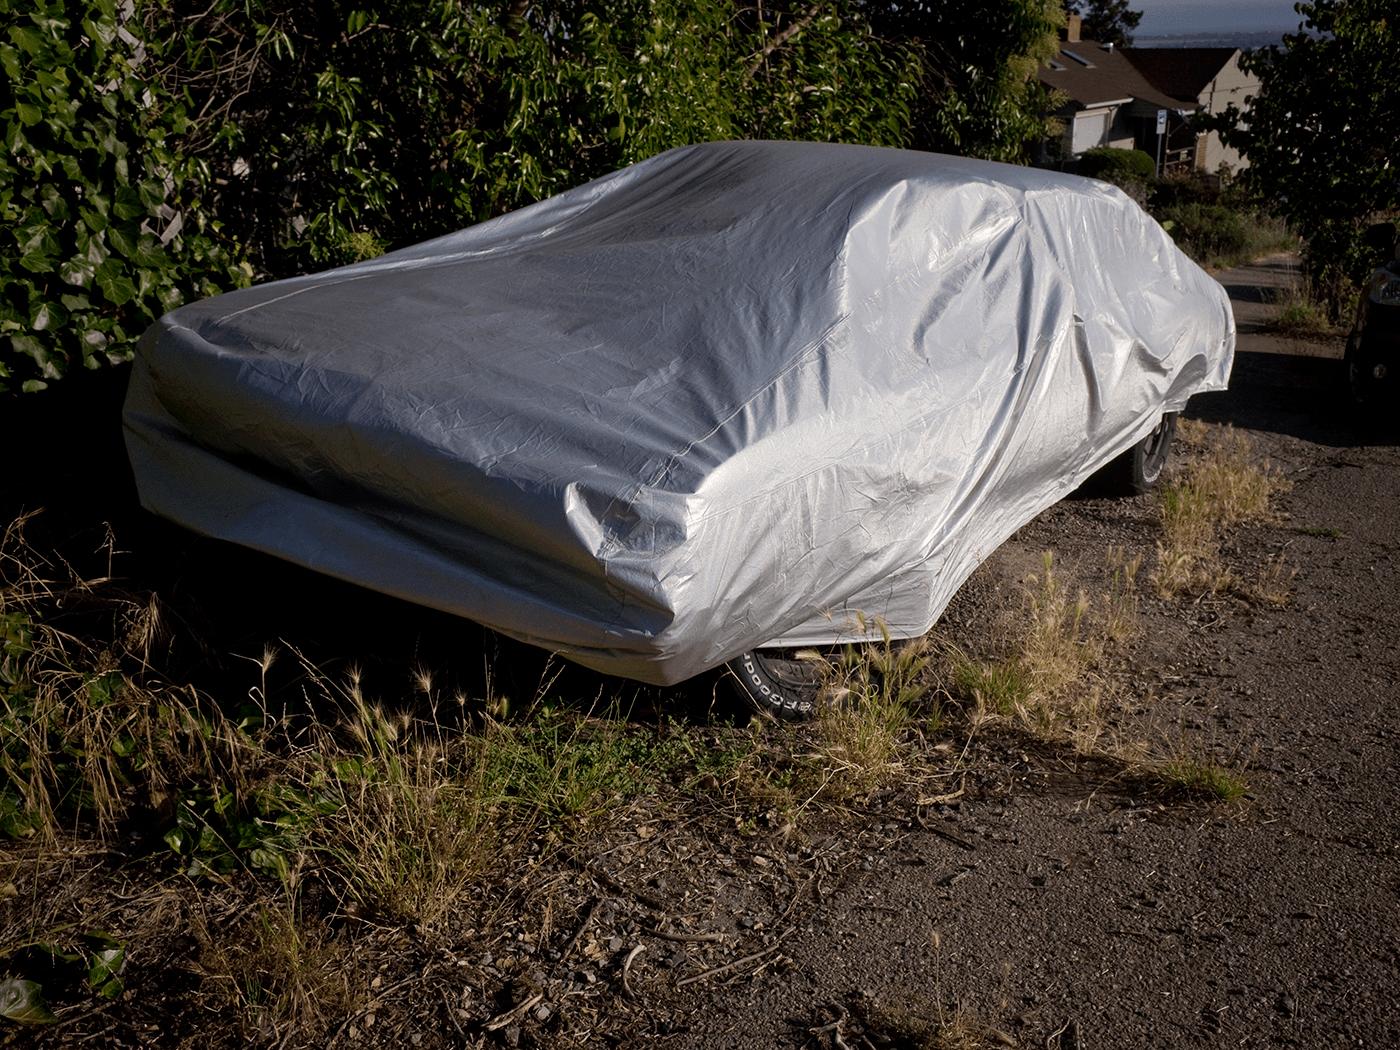 Silver car - Oakland